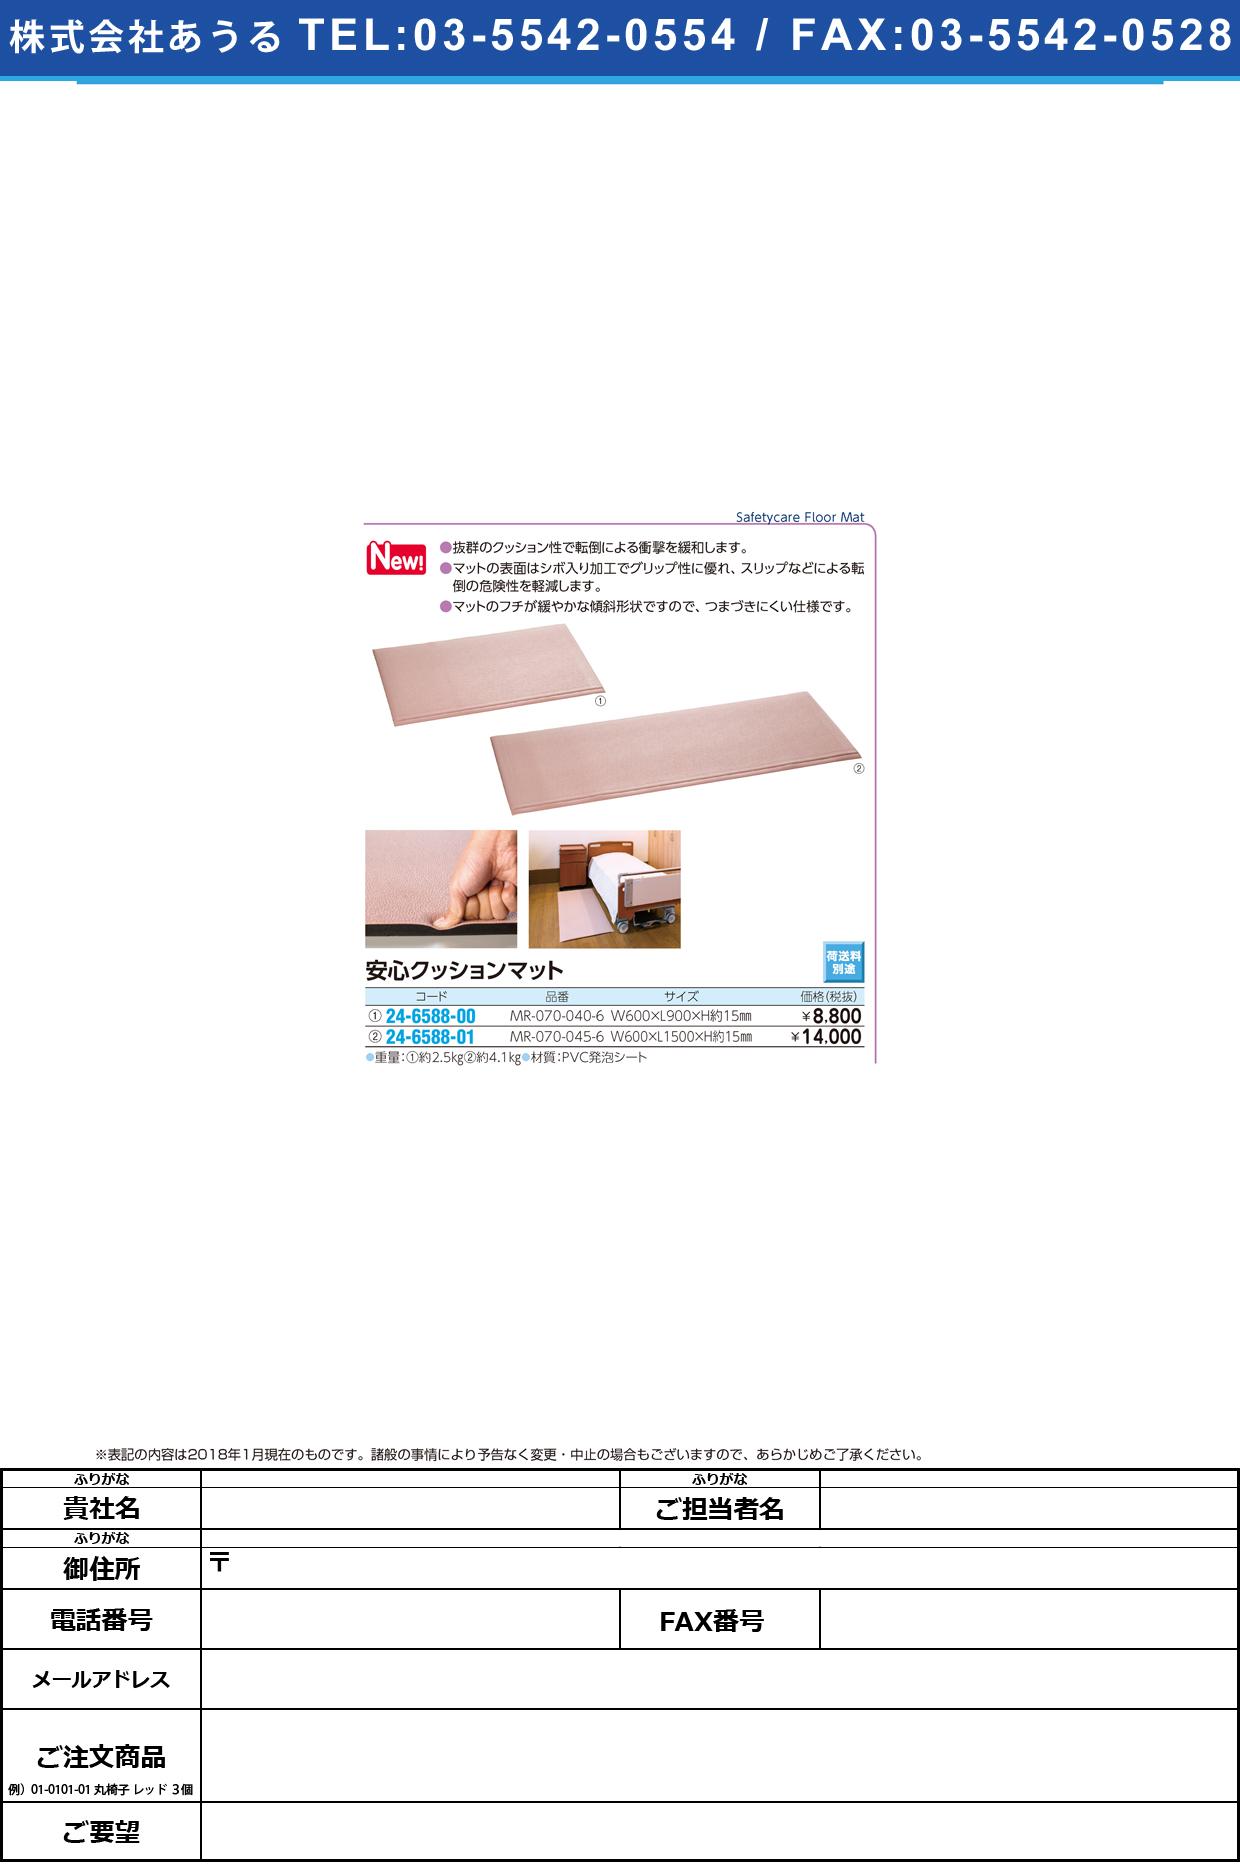 (24-6588-00)安心クッションマット MR-070-040-6(60X90CM アンシンクッションマット(テラモト)【1枚単位】【2018年カタログ商品】